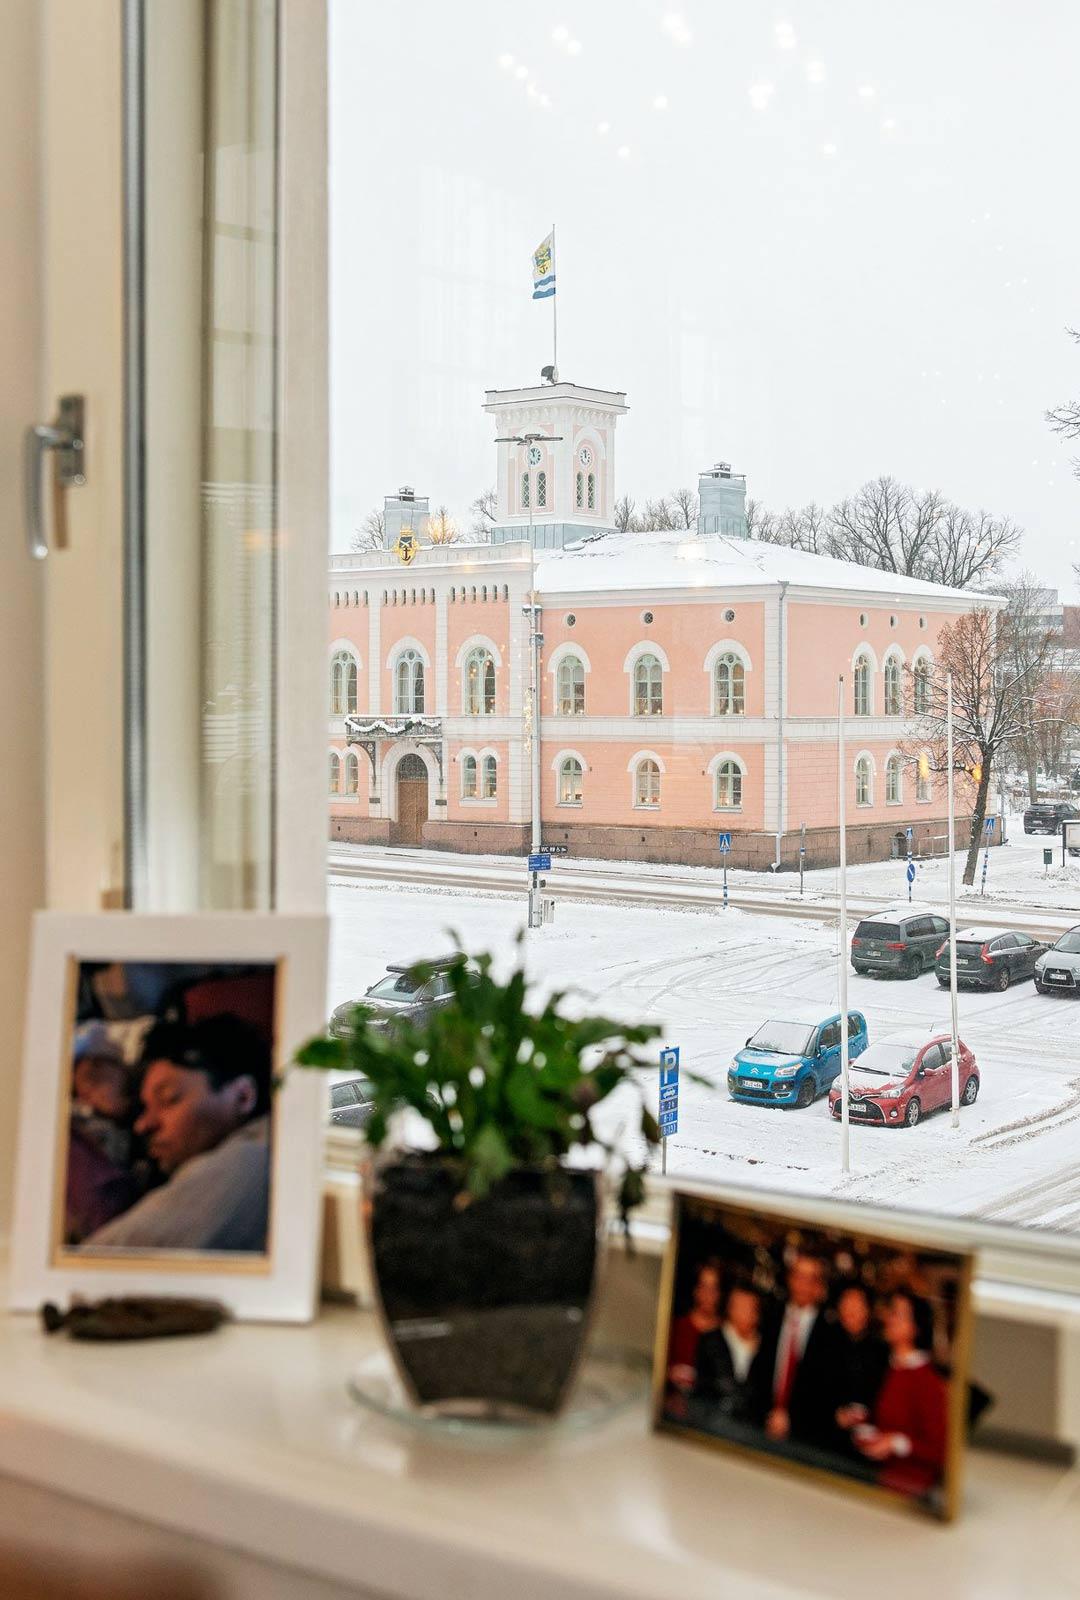 Olohuoneen ikkunasta näkyy Loviisan Raatihuoneen tori. Tämän keskemmällä Loviisaa ei voisi asua.